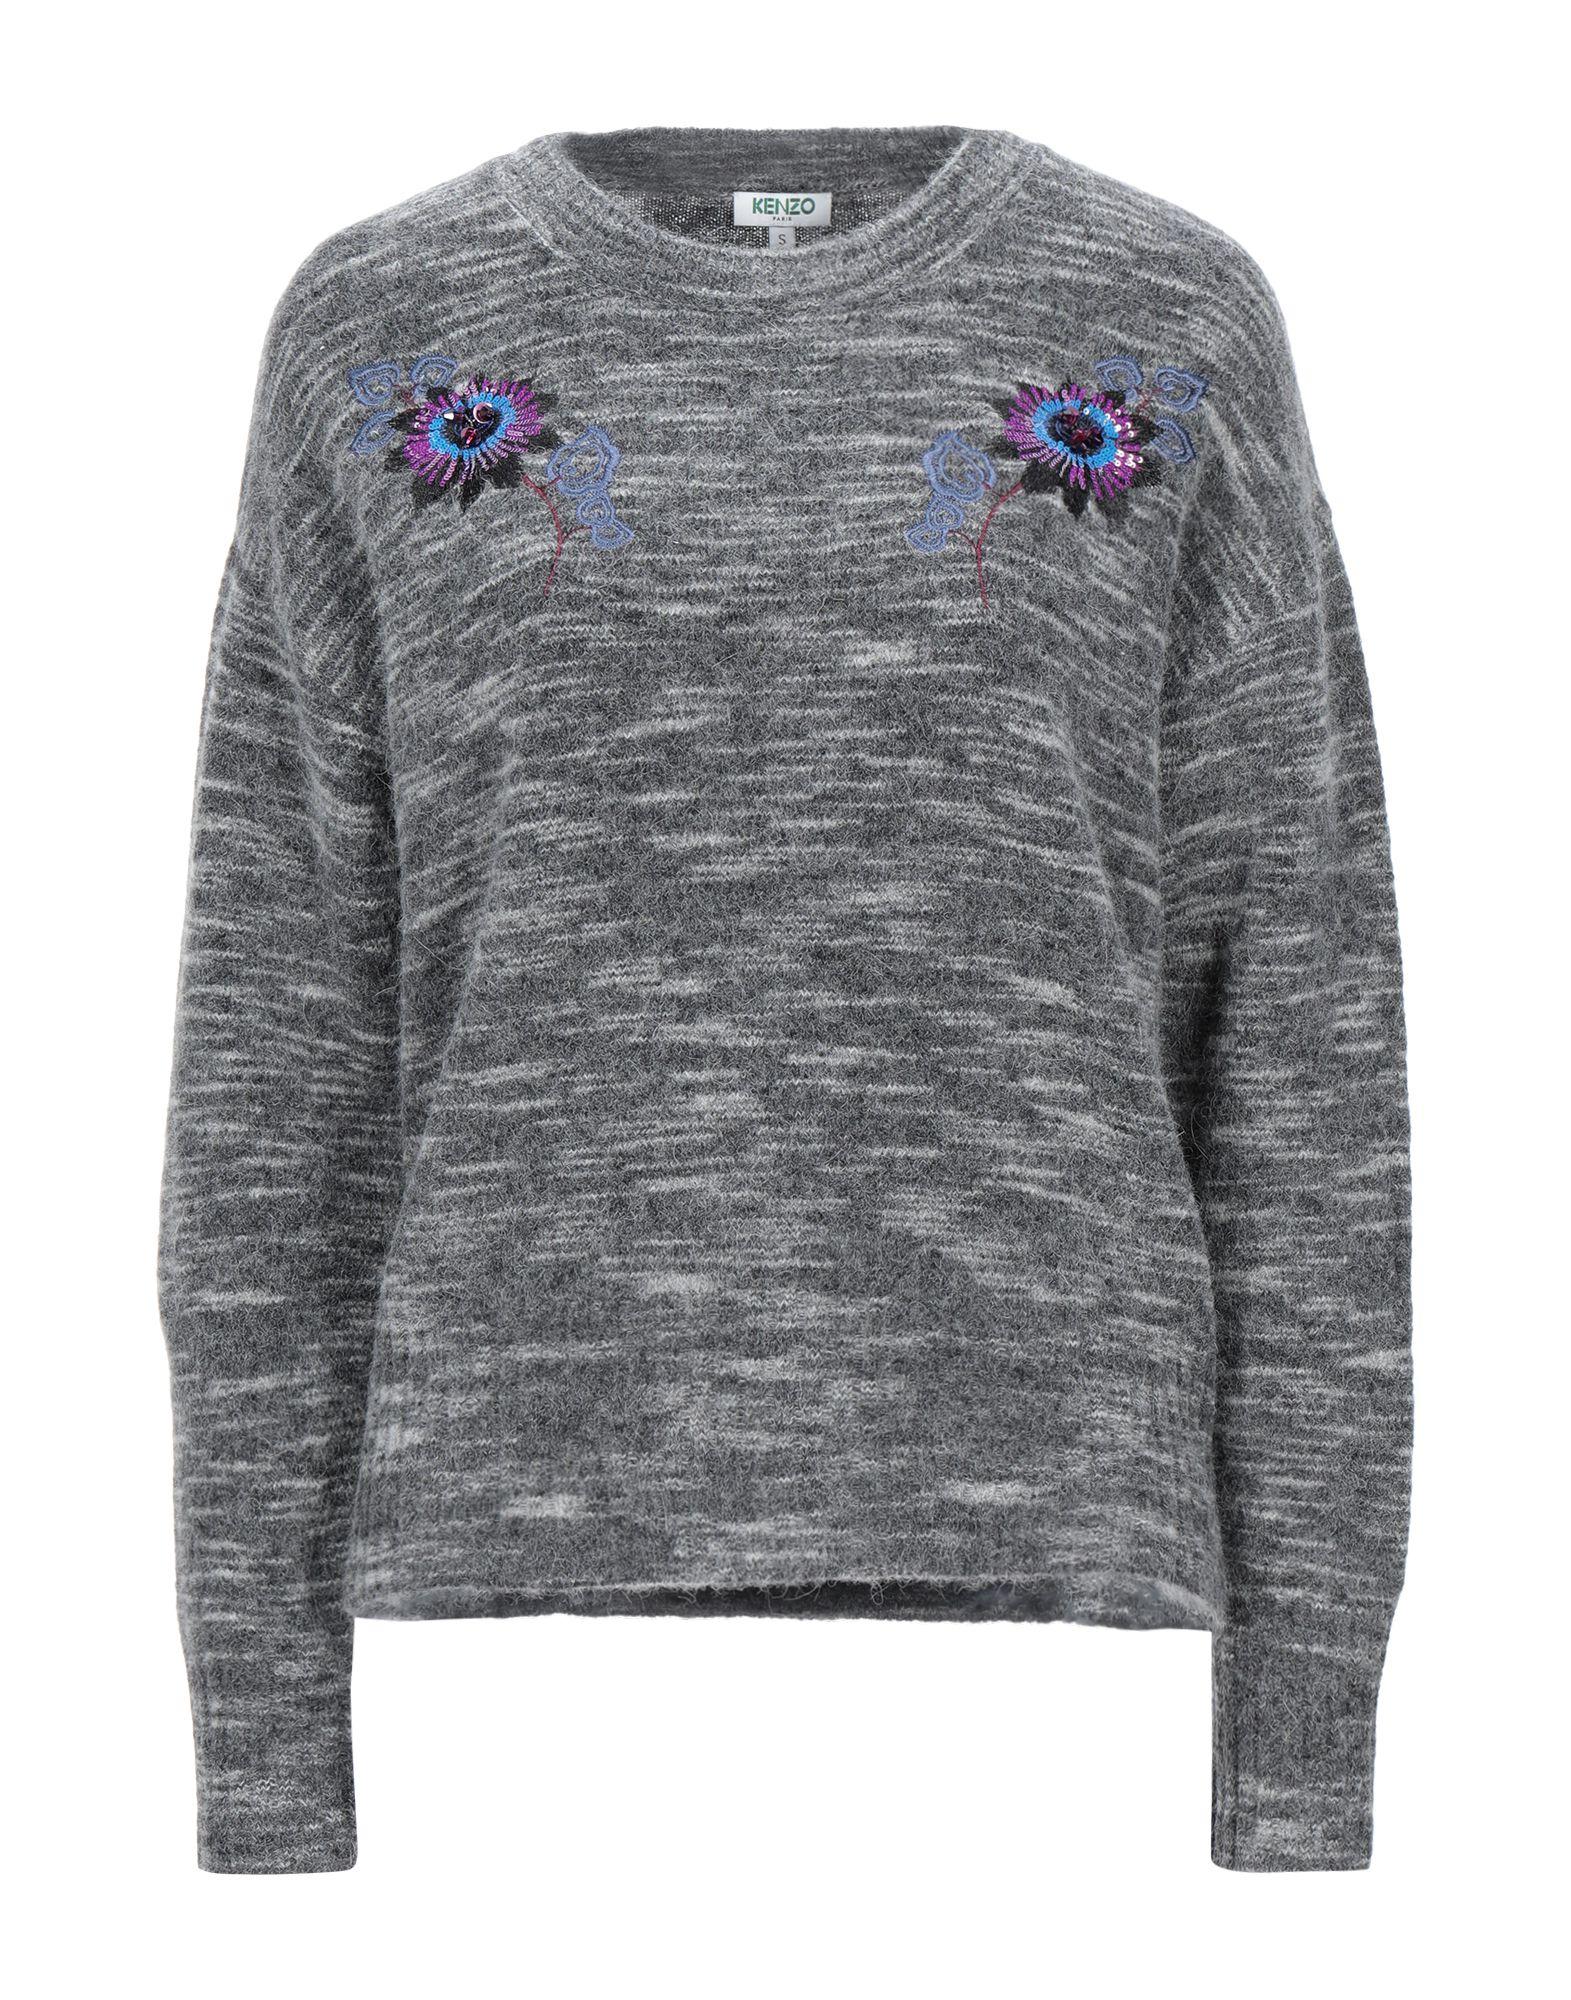 KENZO Sweaters - Item 14069688